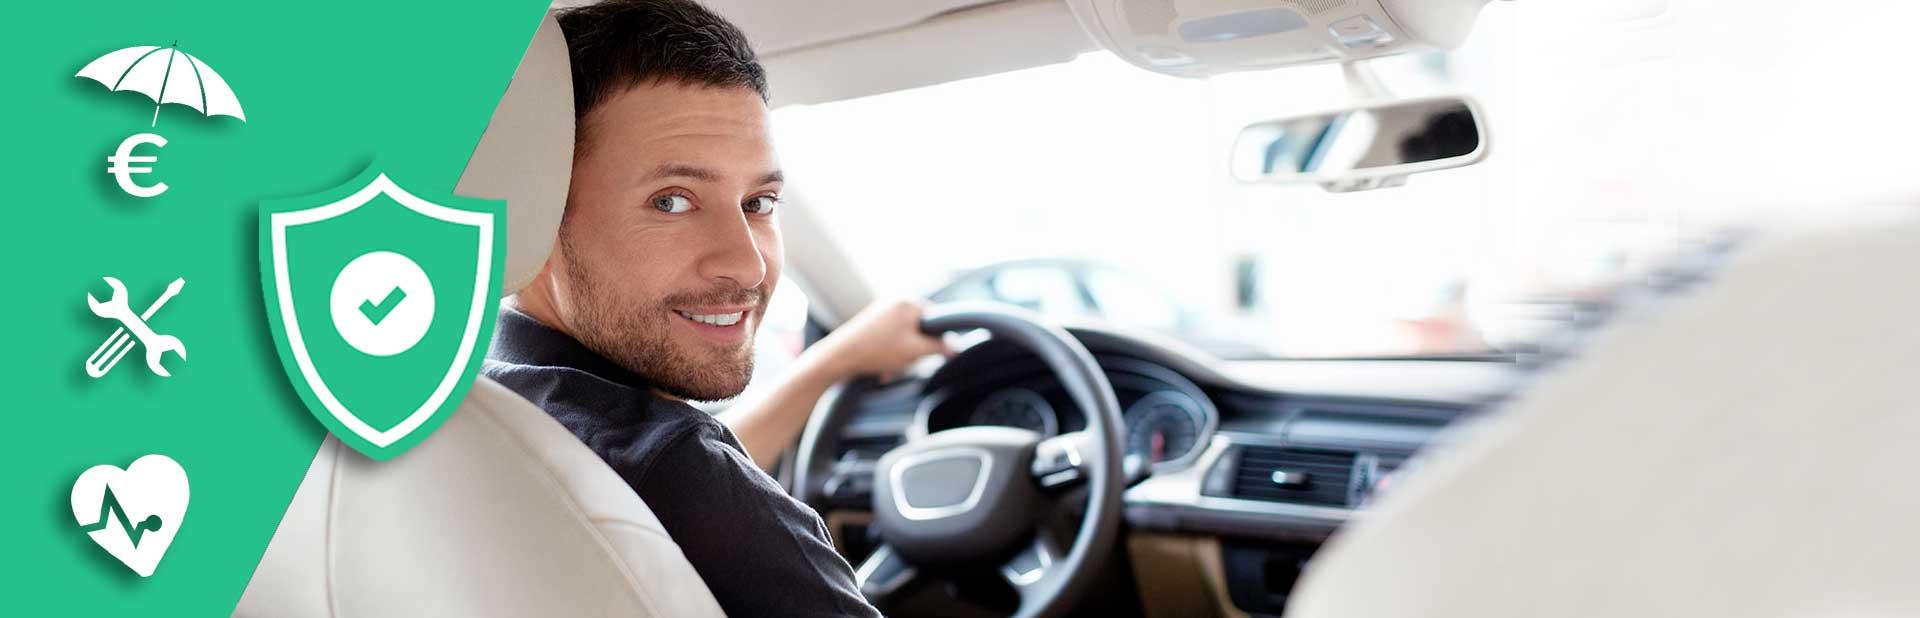 Nos garanties disponibles pour votre véhicule par Click&Lease